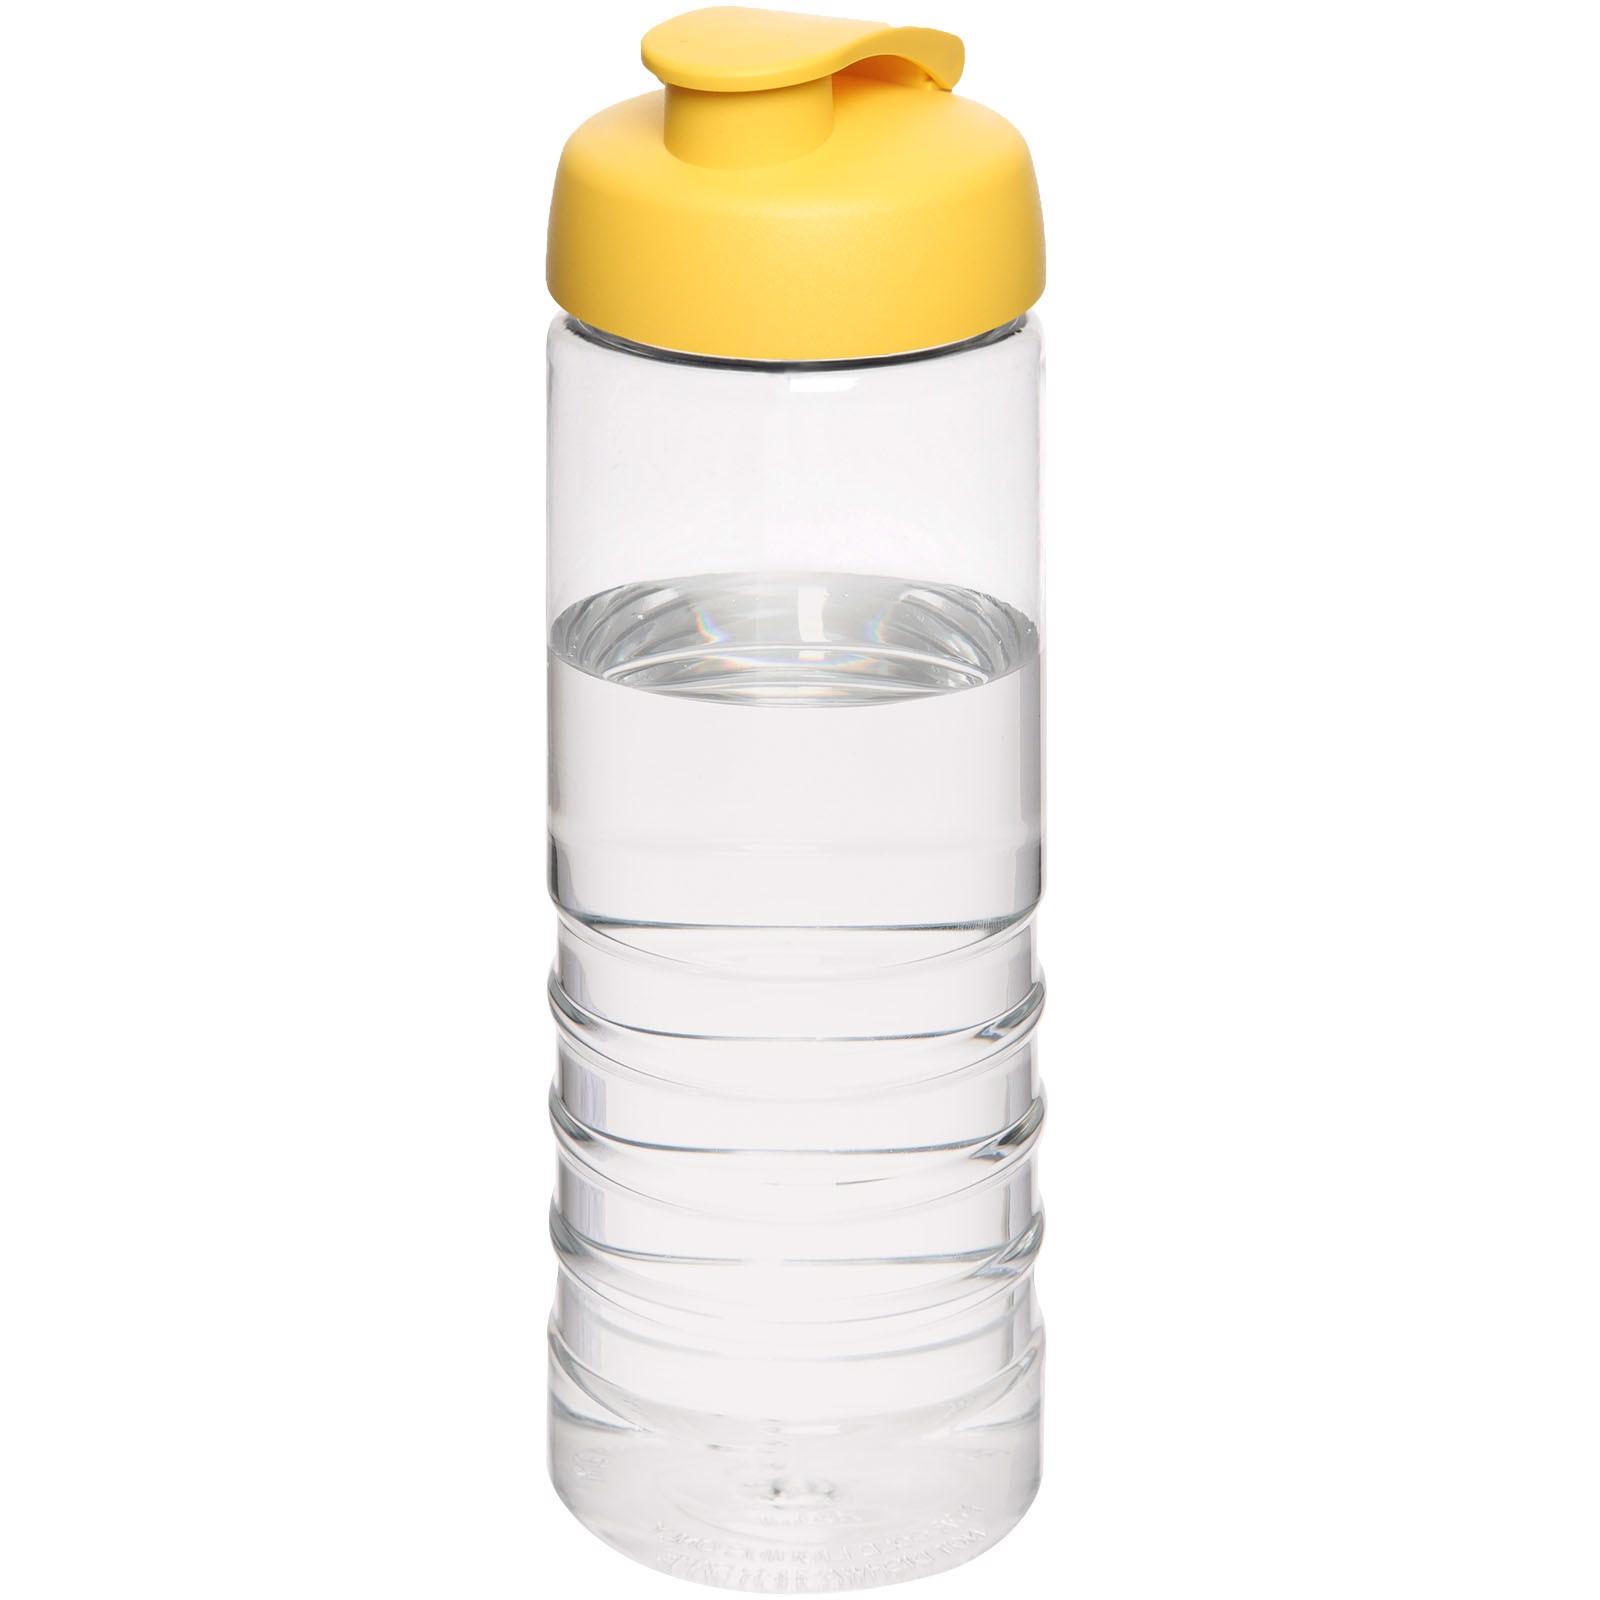 H2O Treble 750 ml sportovní lahev s vyklápěcím víčkem - Průhledná / Žlutá